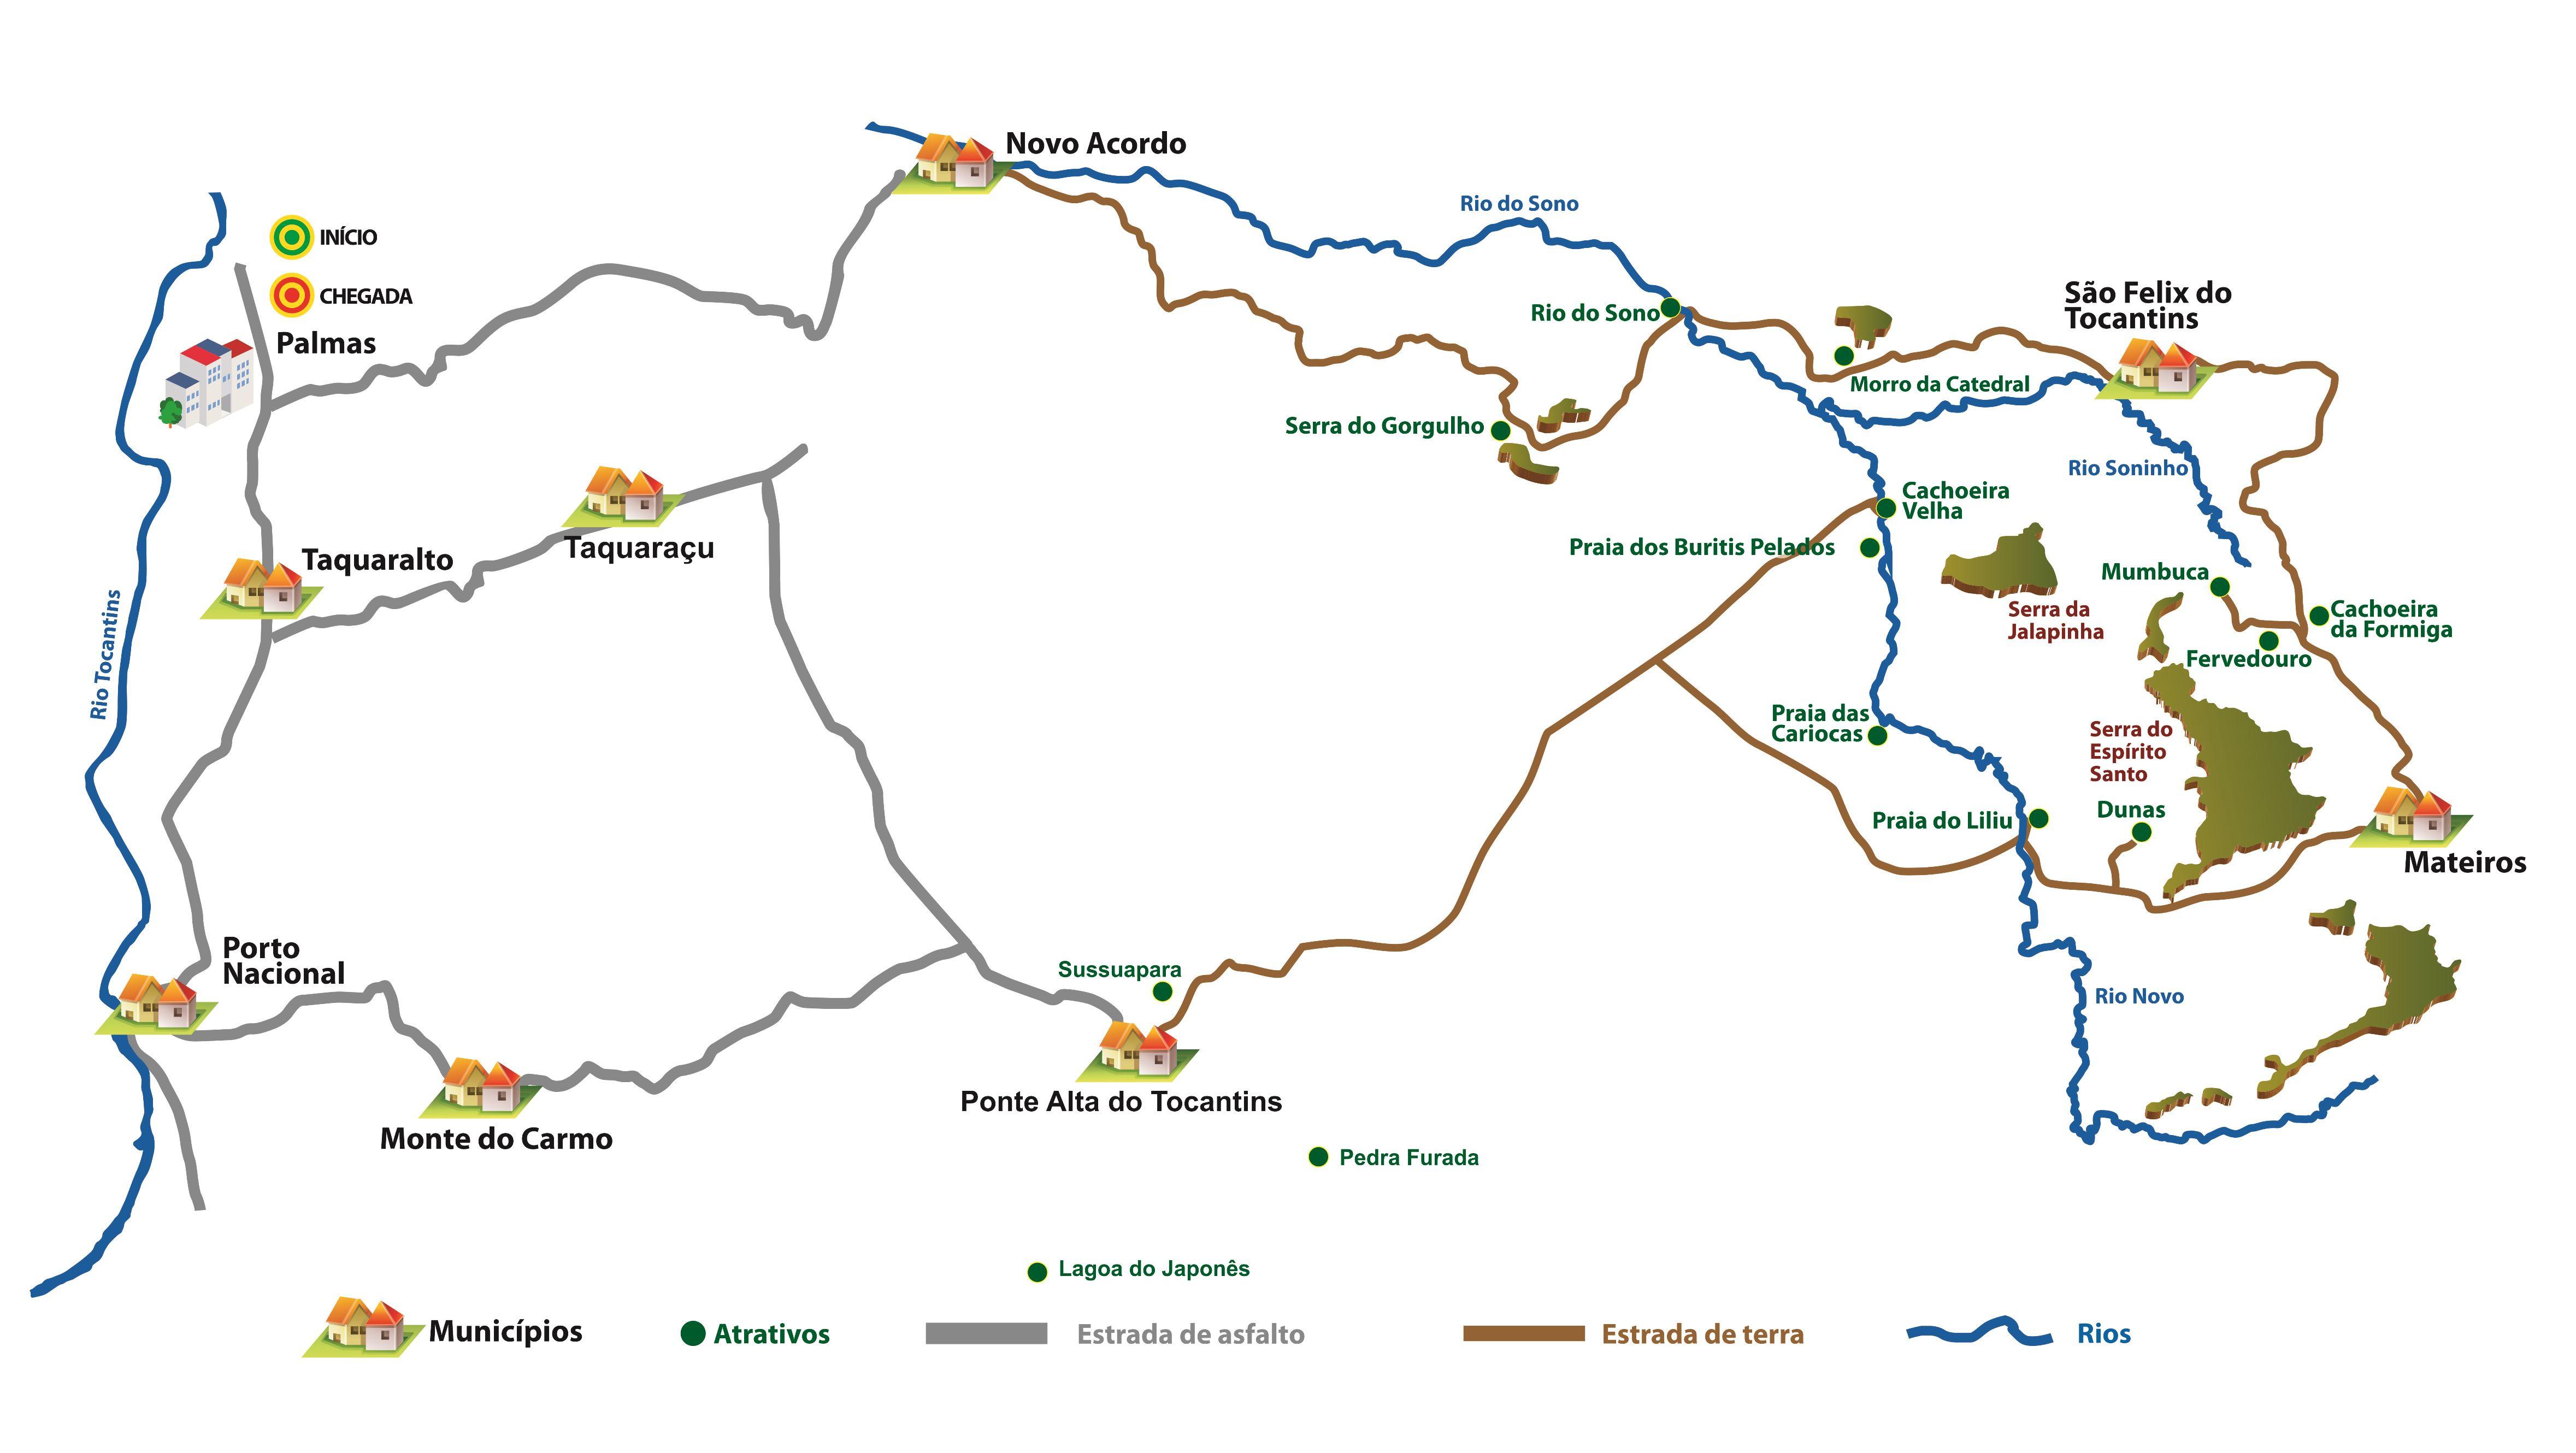 Mapa Jalapão Tocantins - Como ir ao Jalapão? Tire aqui suas dúvidas!